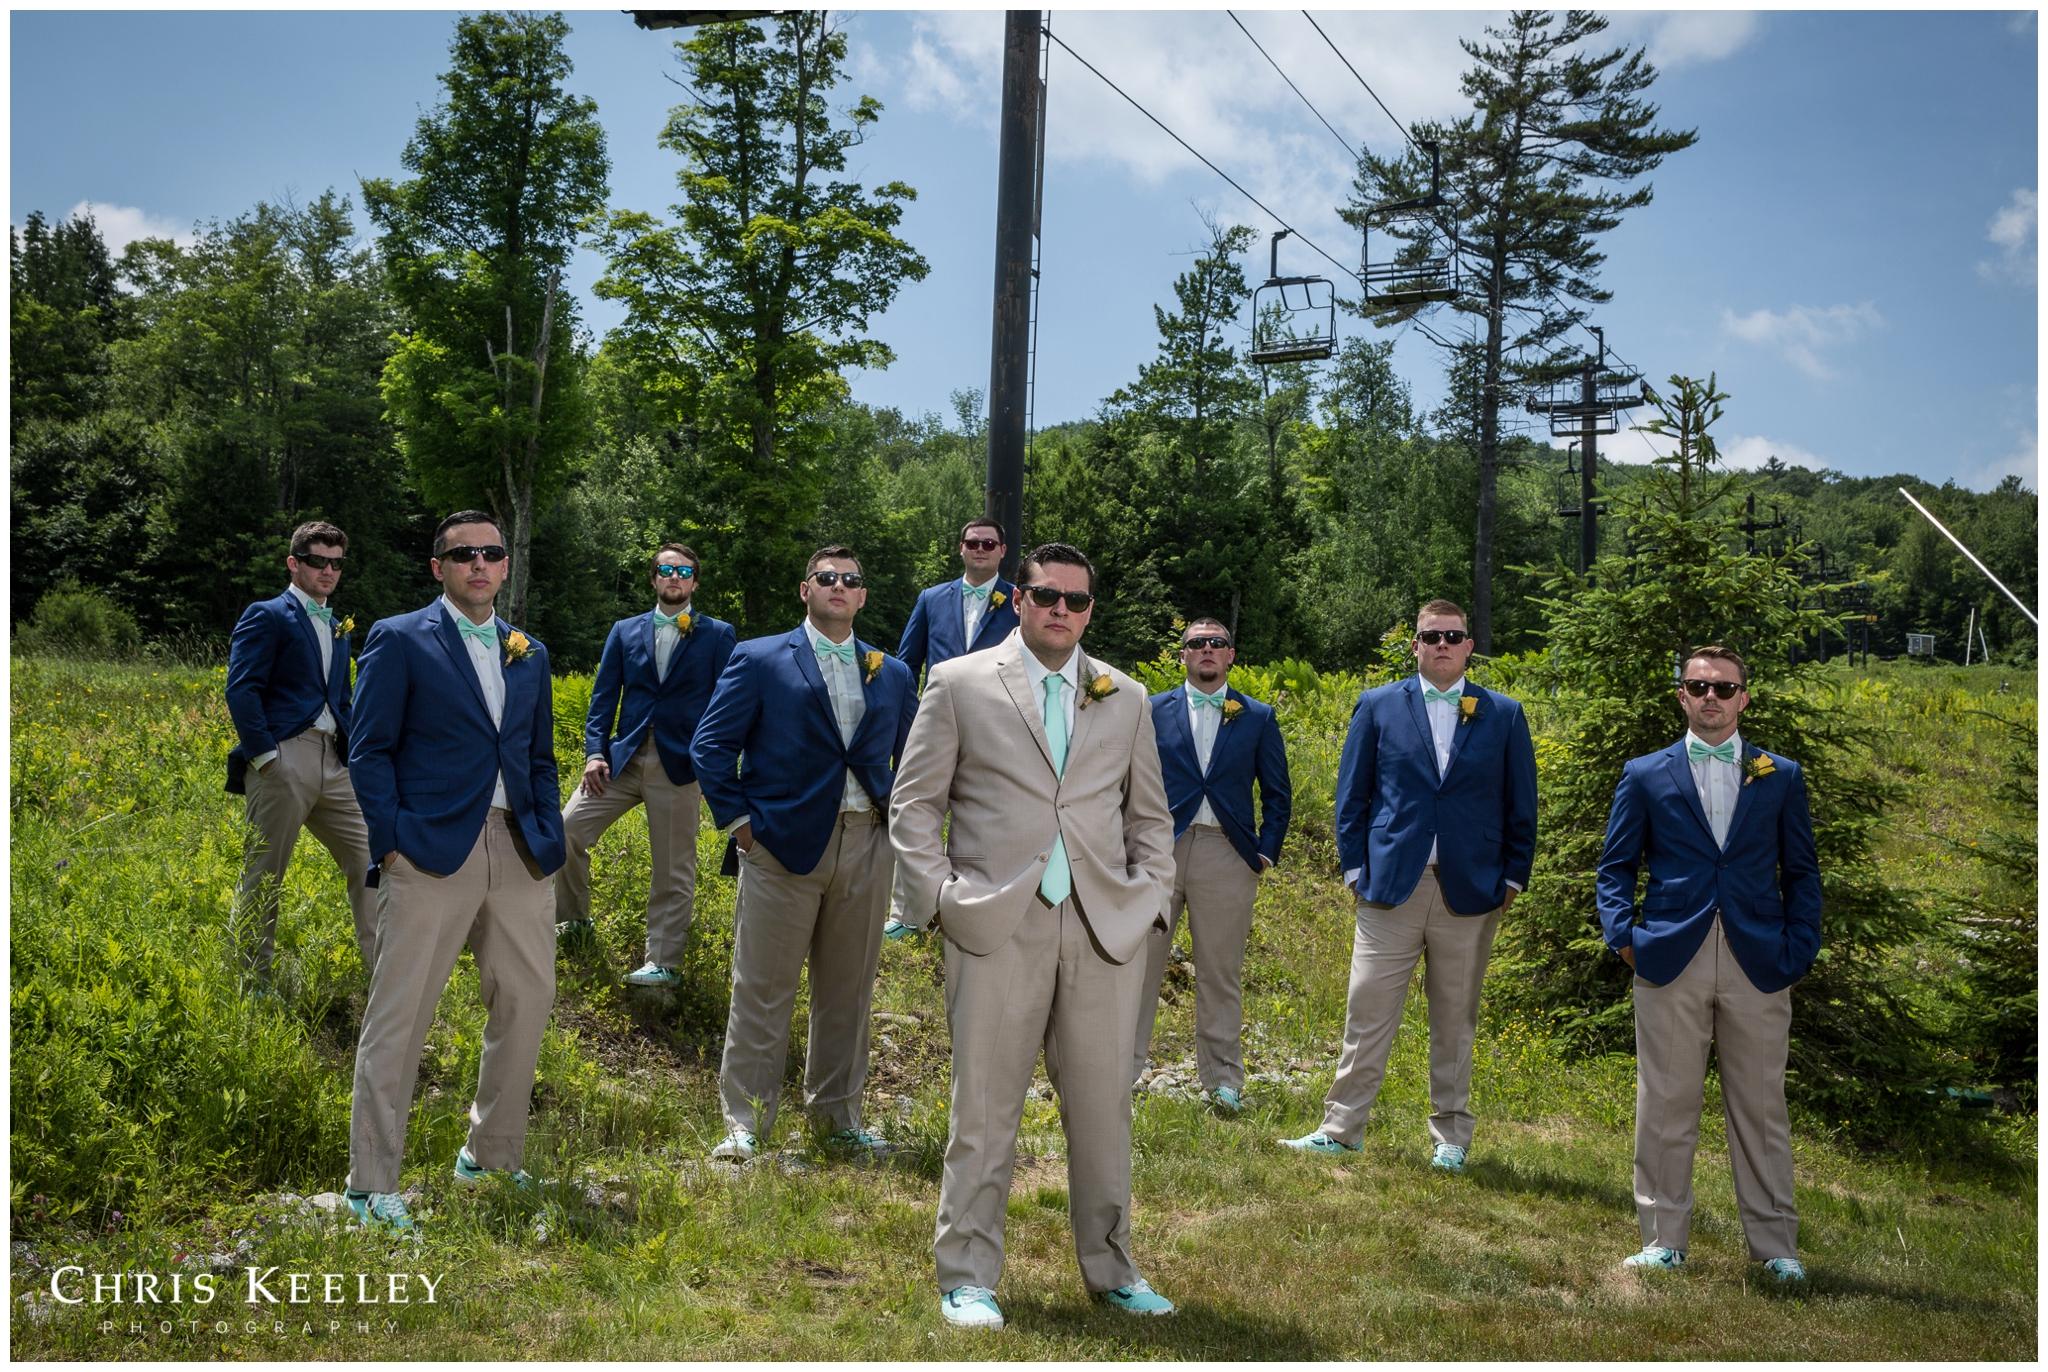 badass-groomsmen-on-ski-slopes-in-summer.jpg